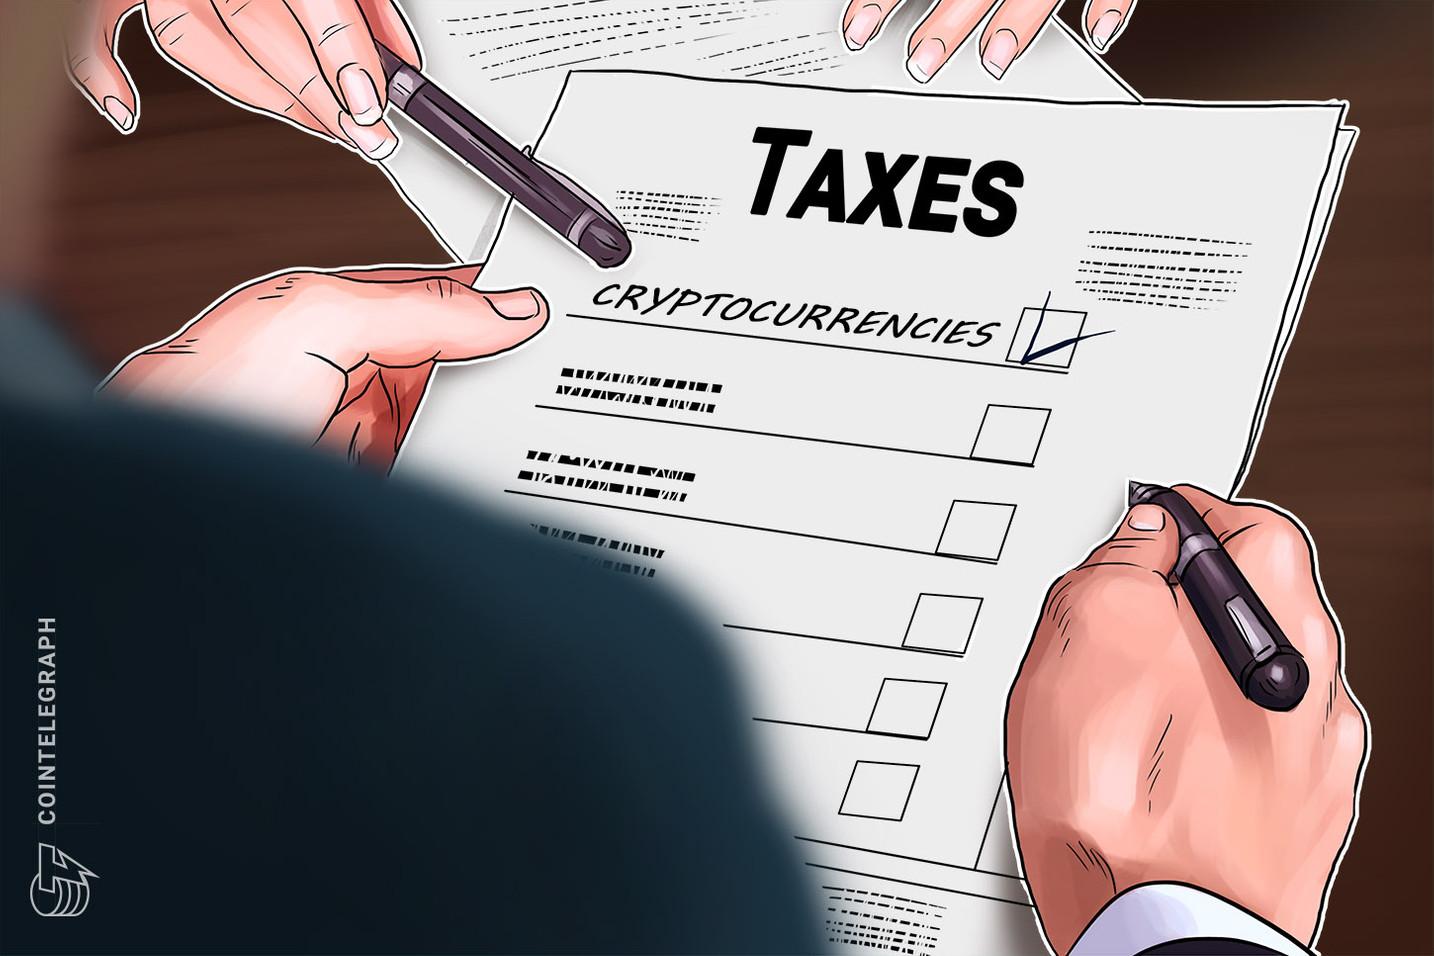 Spagna: approvato un disegno di legge che obbliga gli investitori a dichiarare le proprie criptovalute